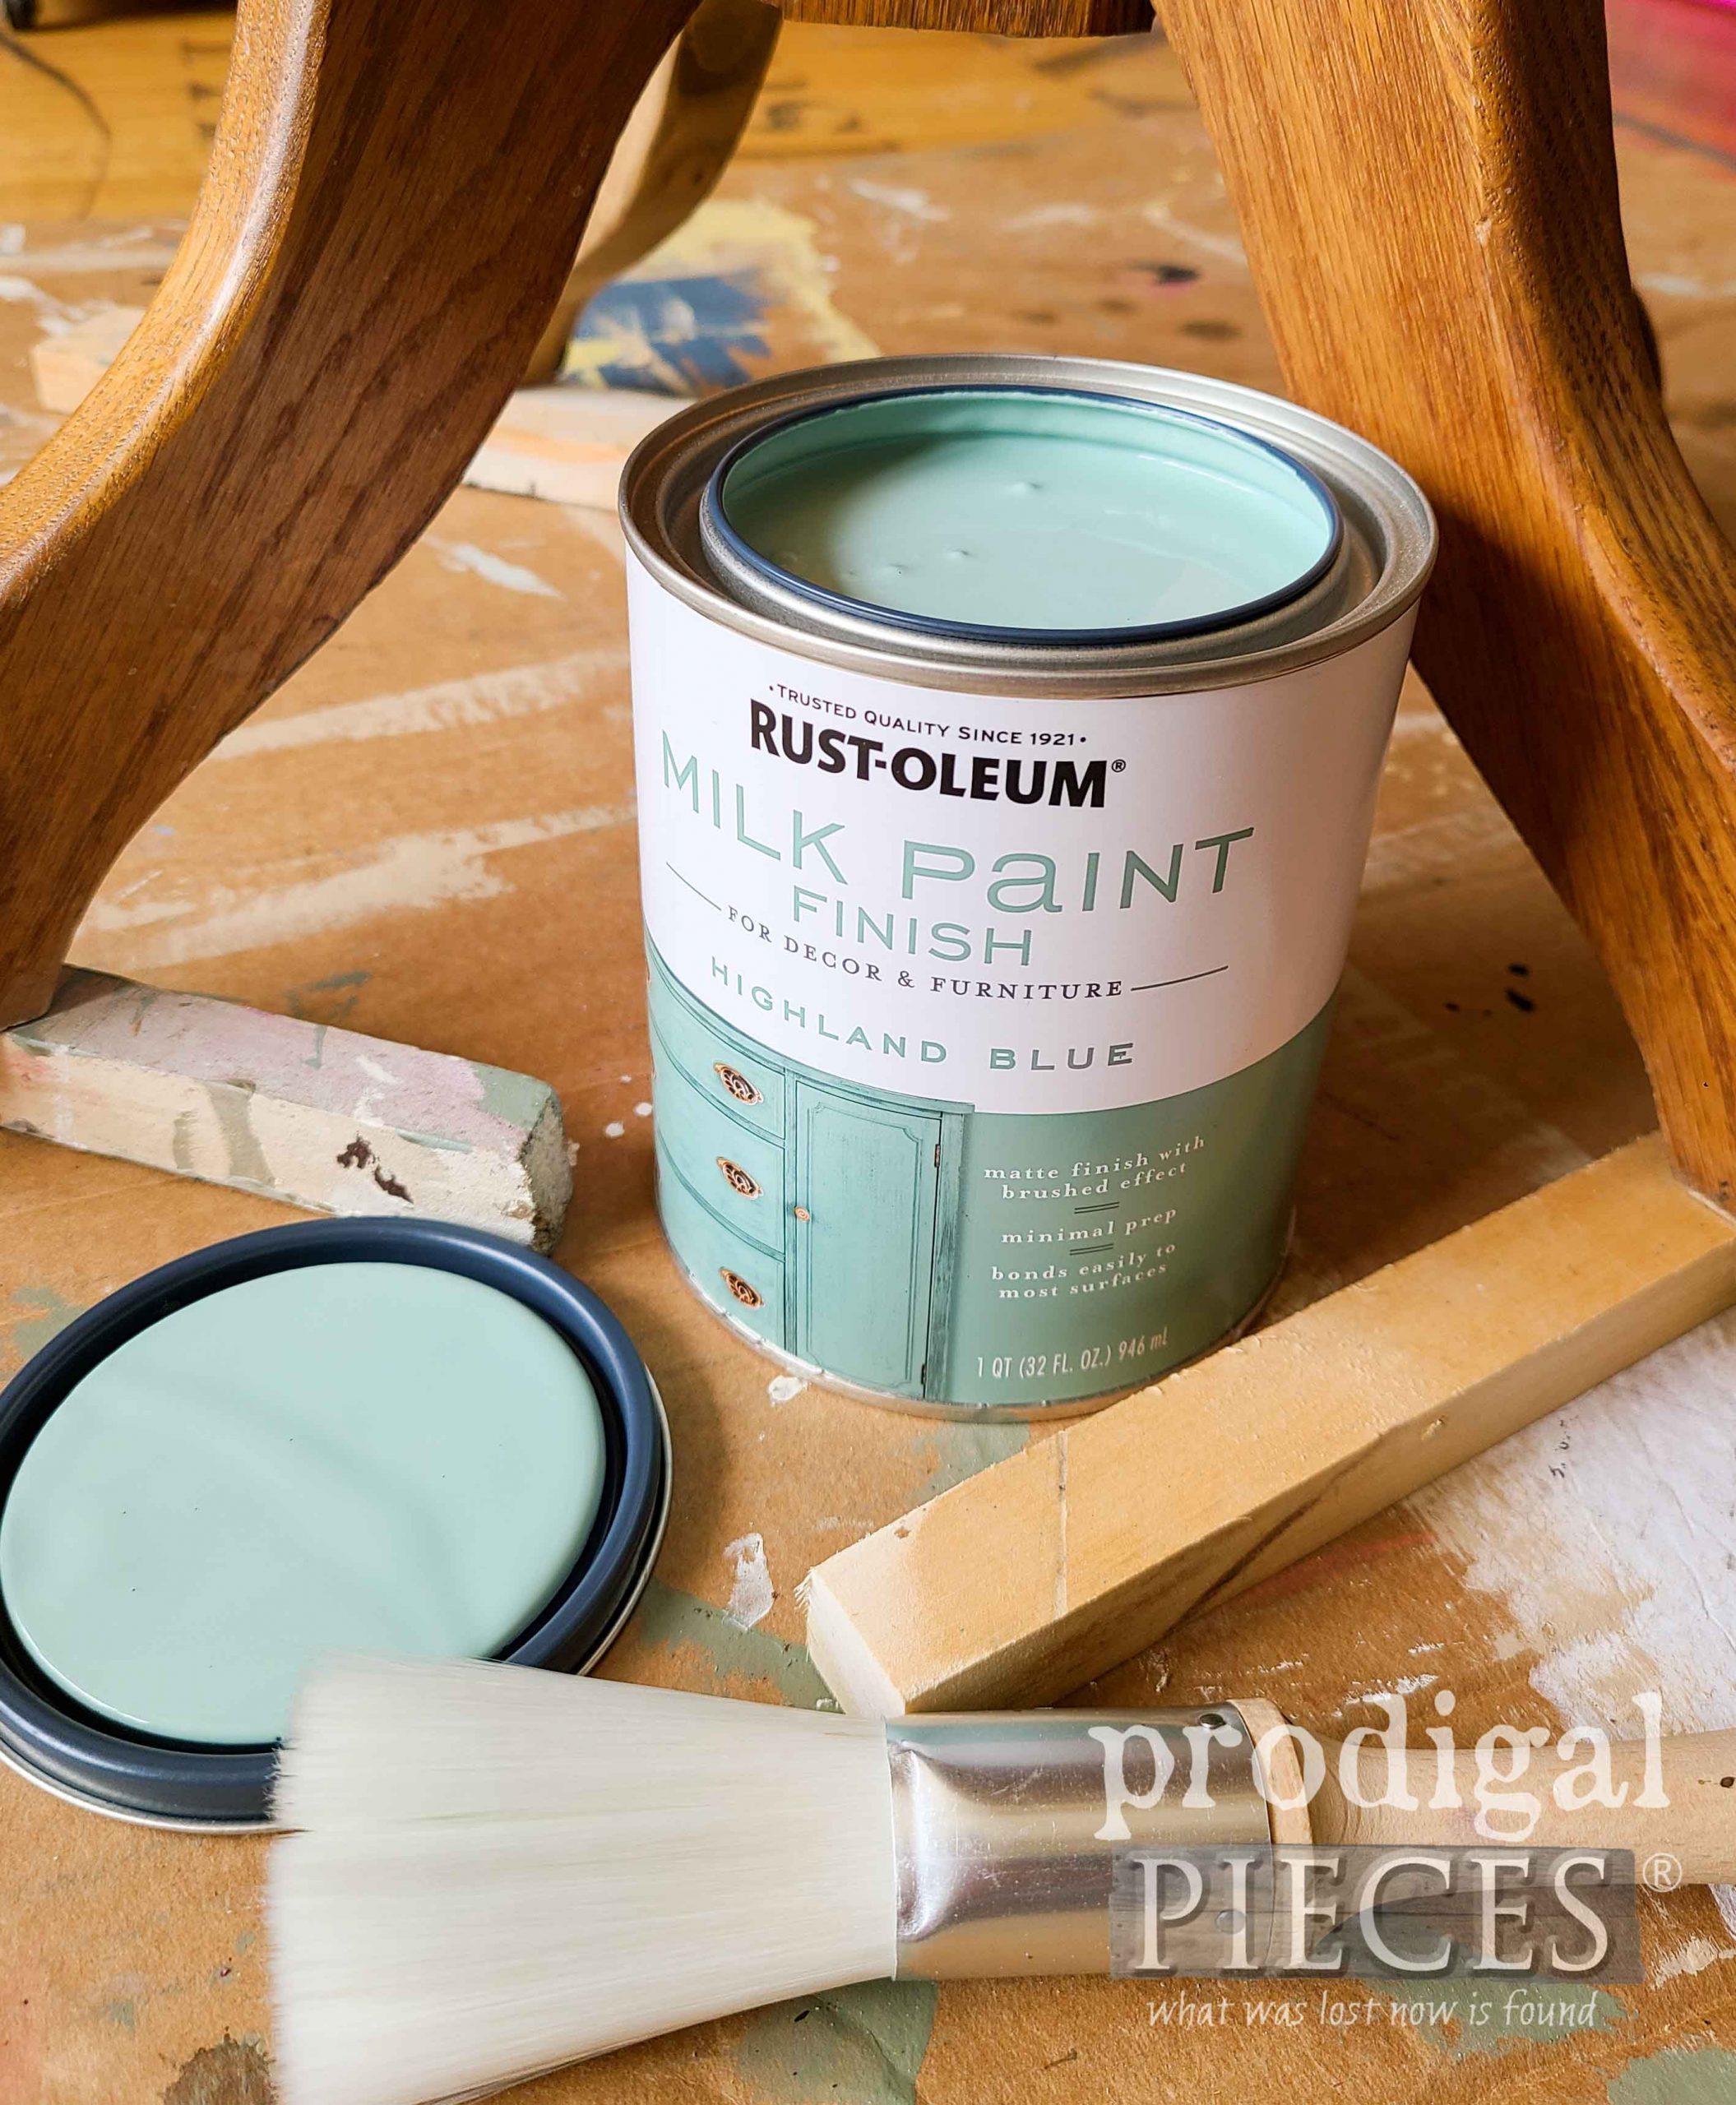 Rustoleum Milk Paint in Blue for Oak Pedestal Table by Larissa of Prodigal Pieces | prodigalpieces.com #prodigalpieces